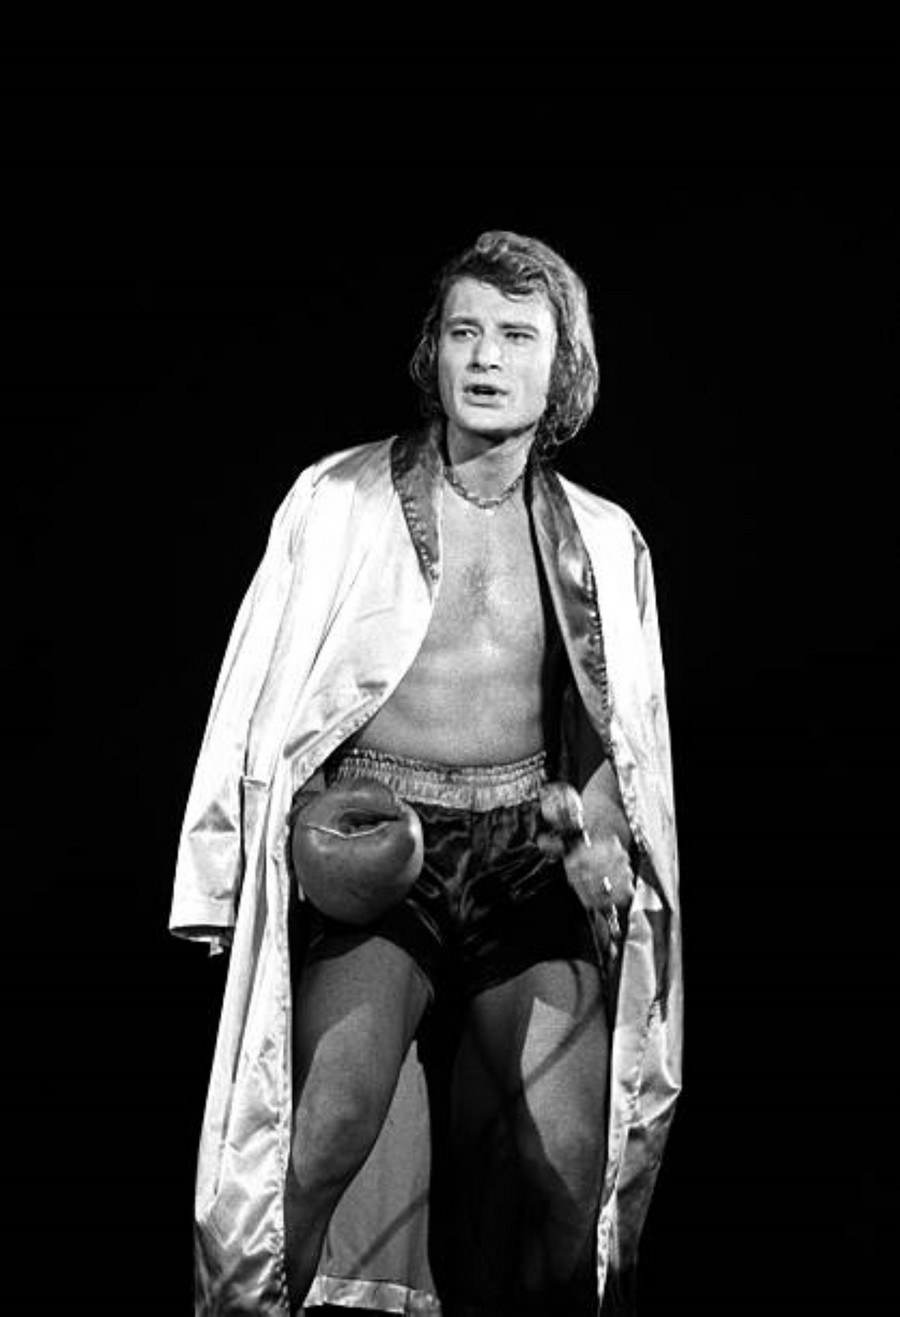 LES CONCERTS DE JOHNNY 'PALAIS DES SPORTS DE PARIS 1969' Getty104